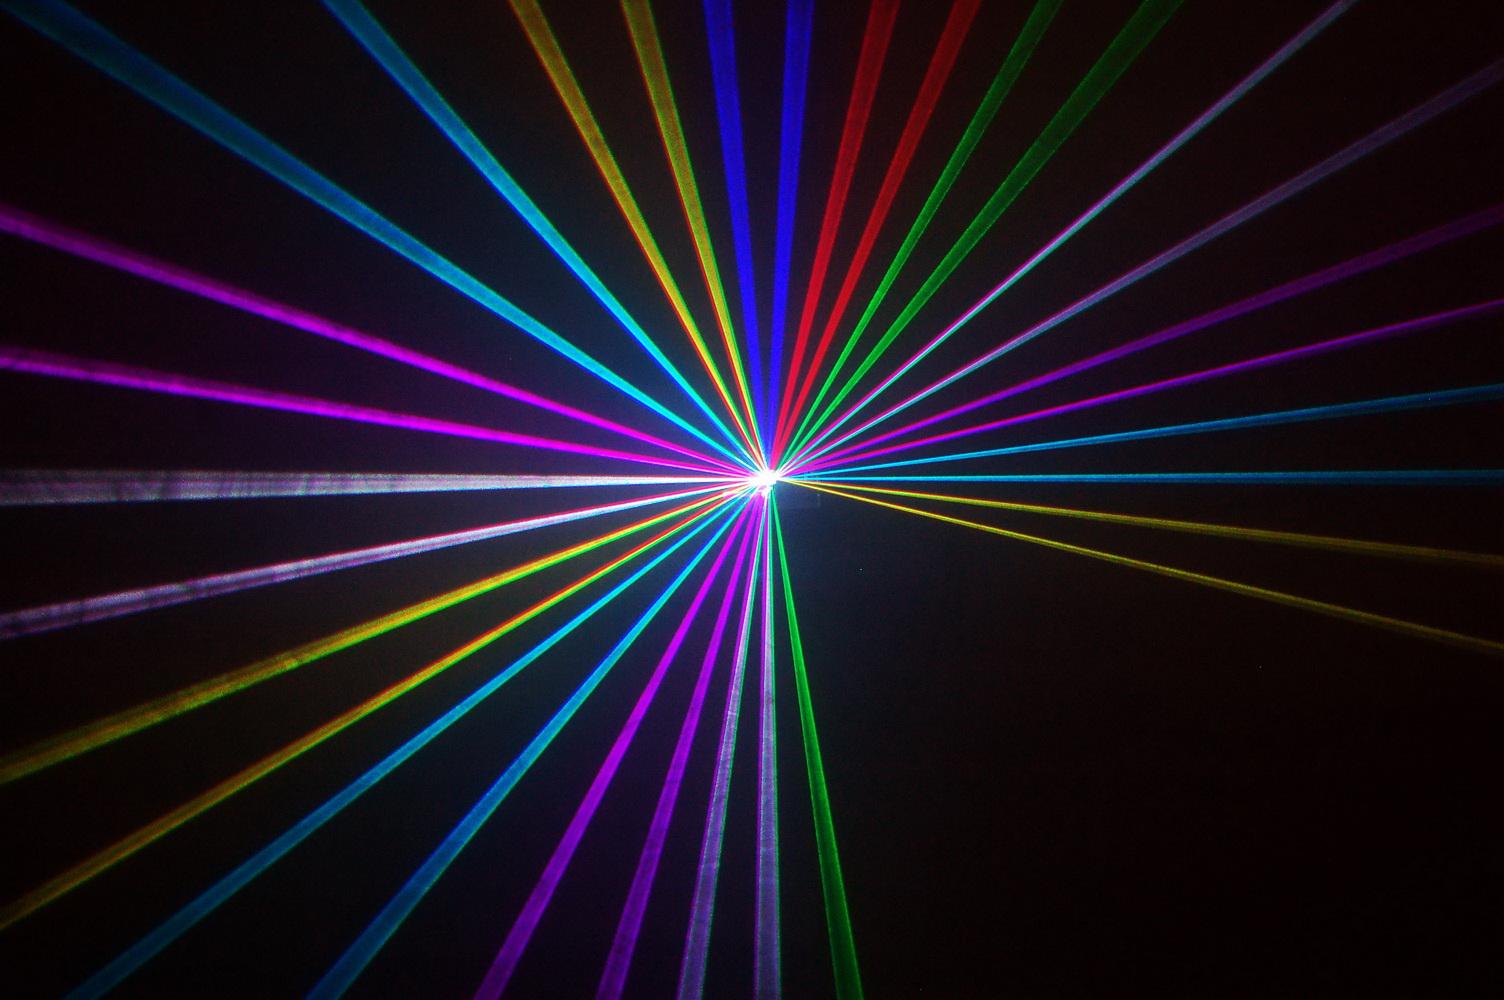 HIệu ứng đèn laser 1 cửa 7 mầu